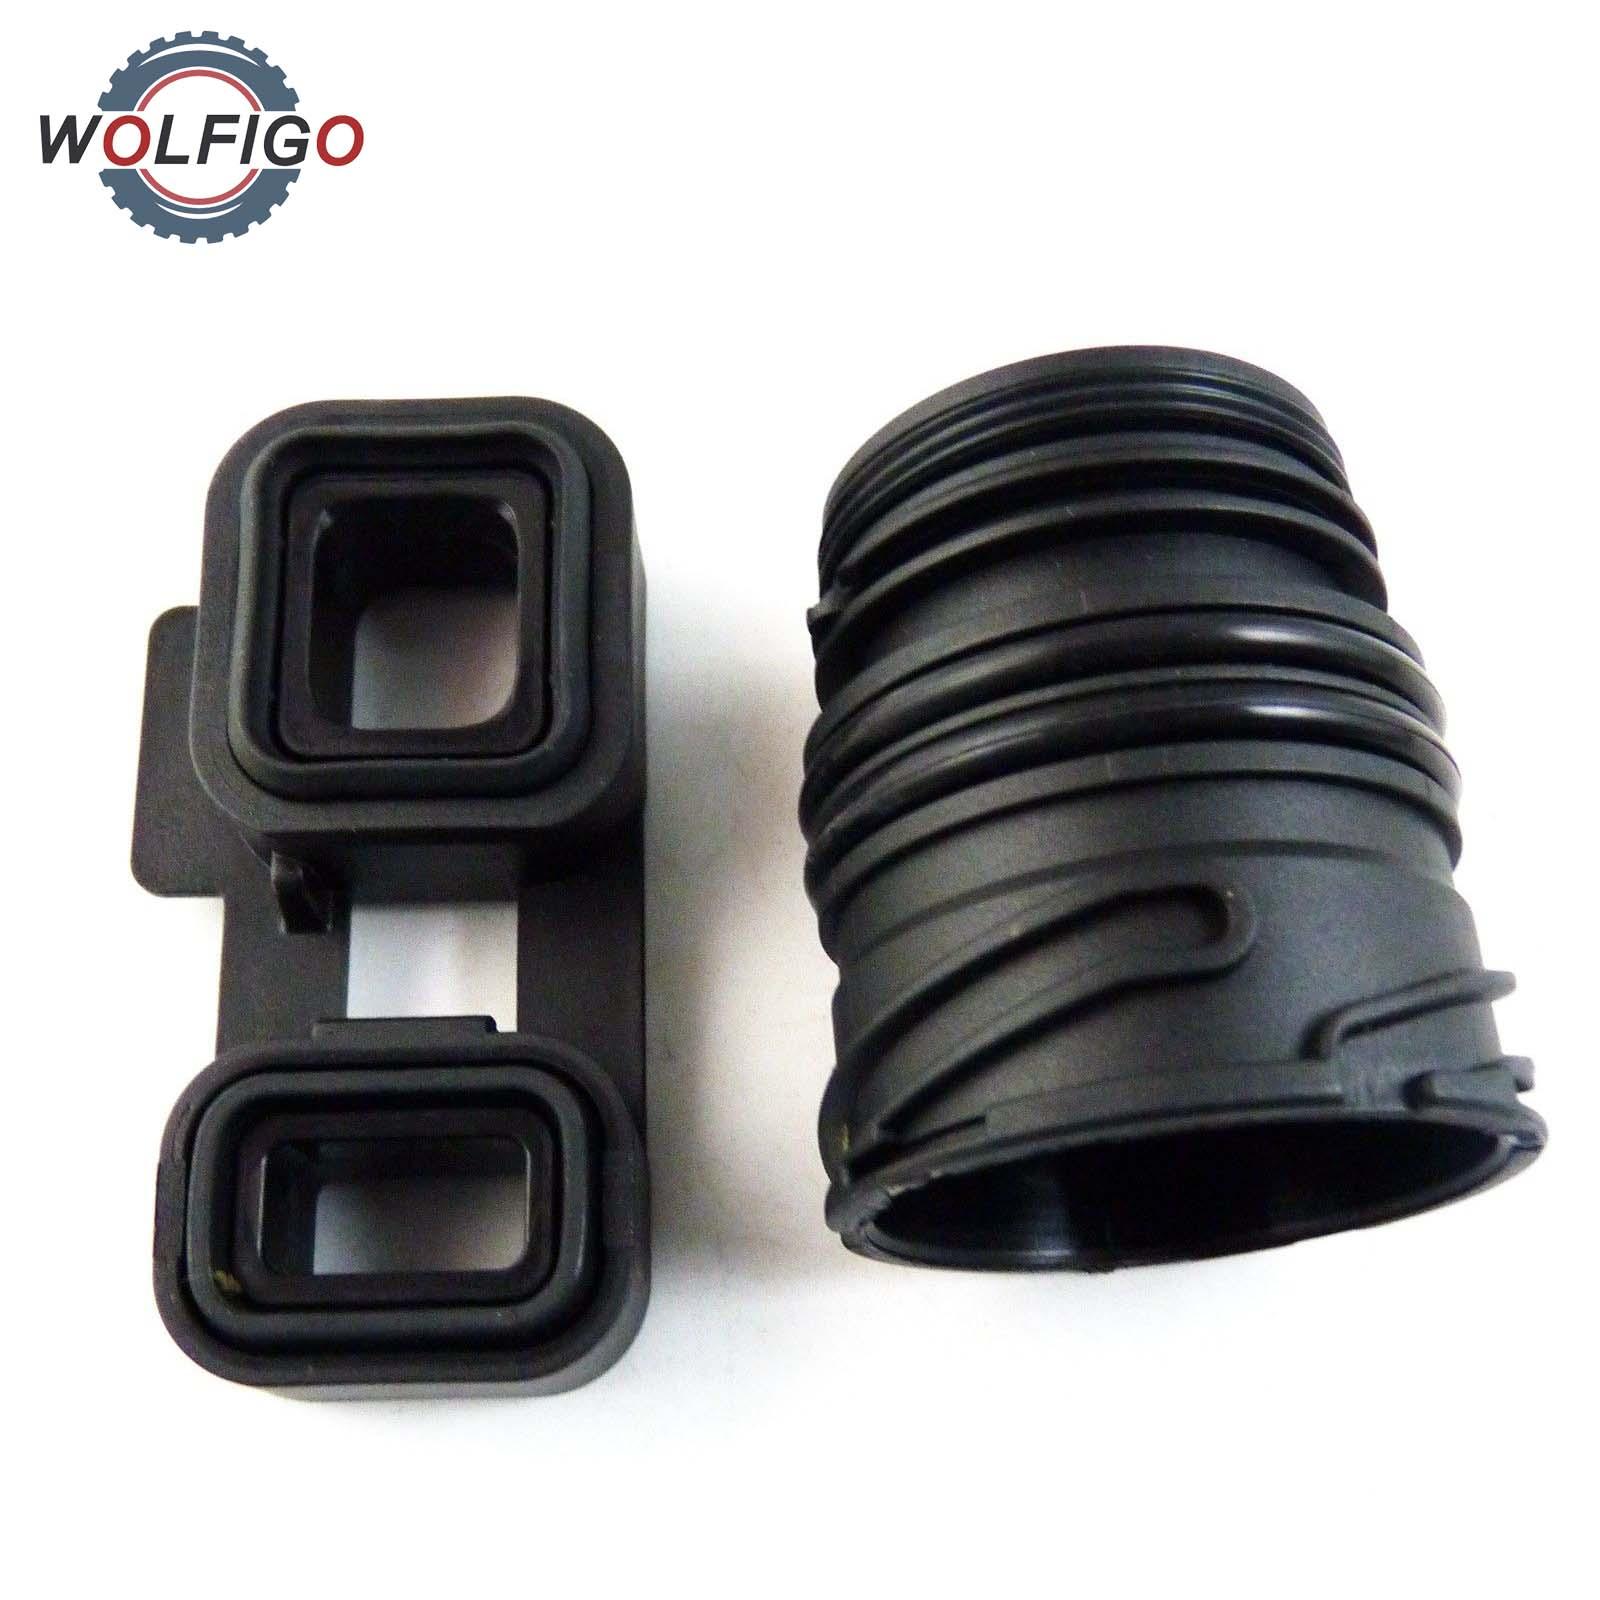 Wolfigo 1 Set Transmission Mechatronic Sealing Sleeve